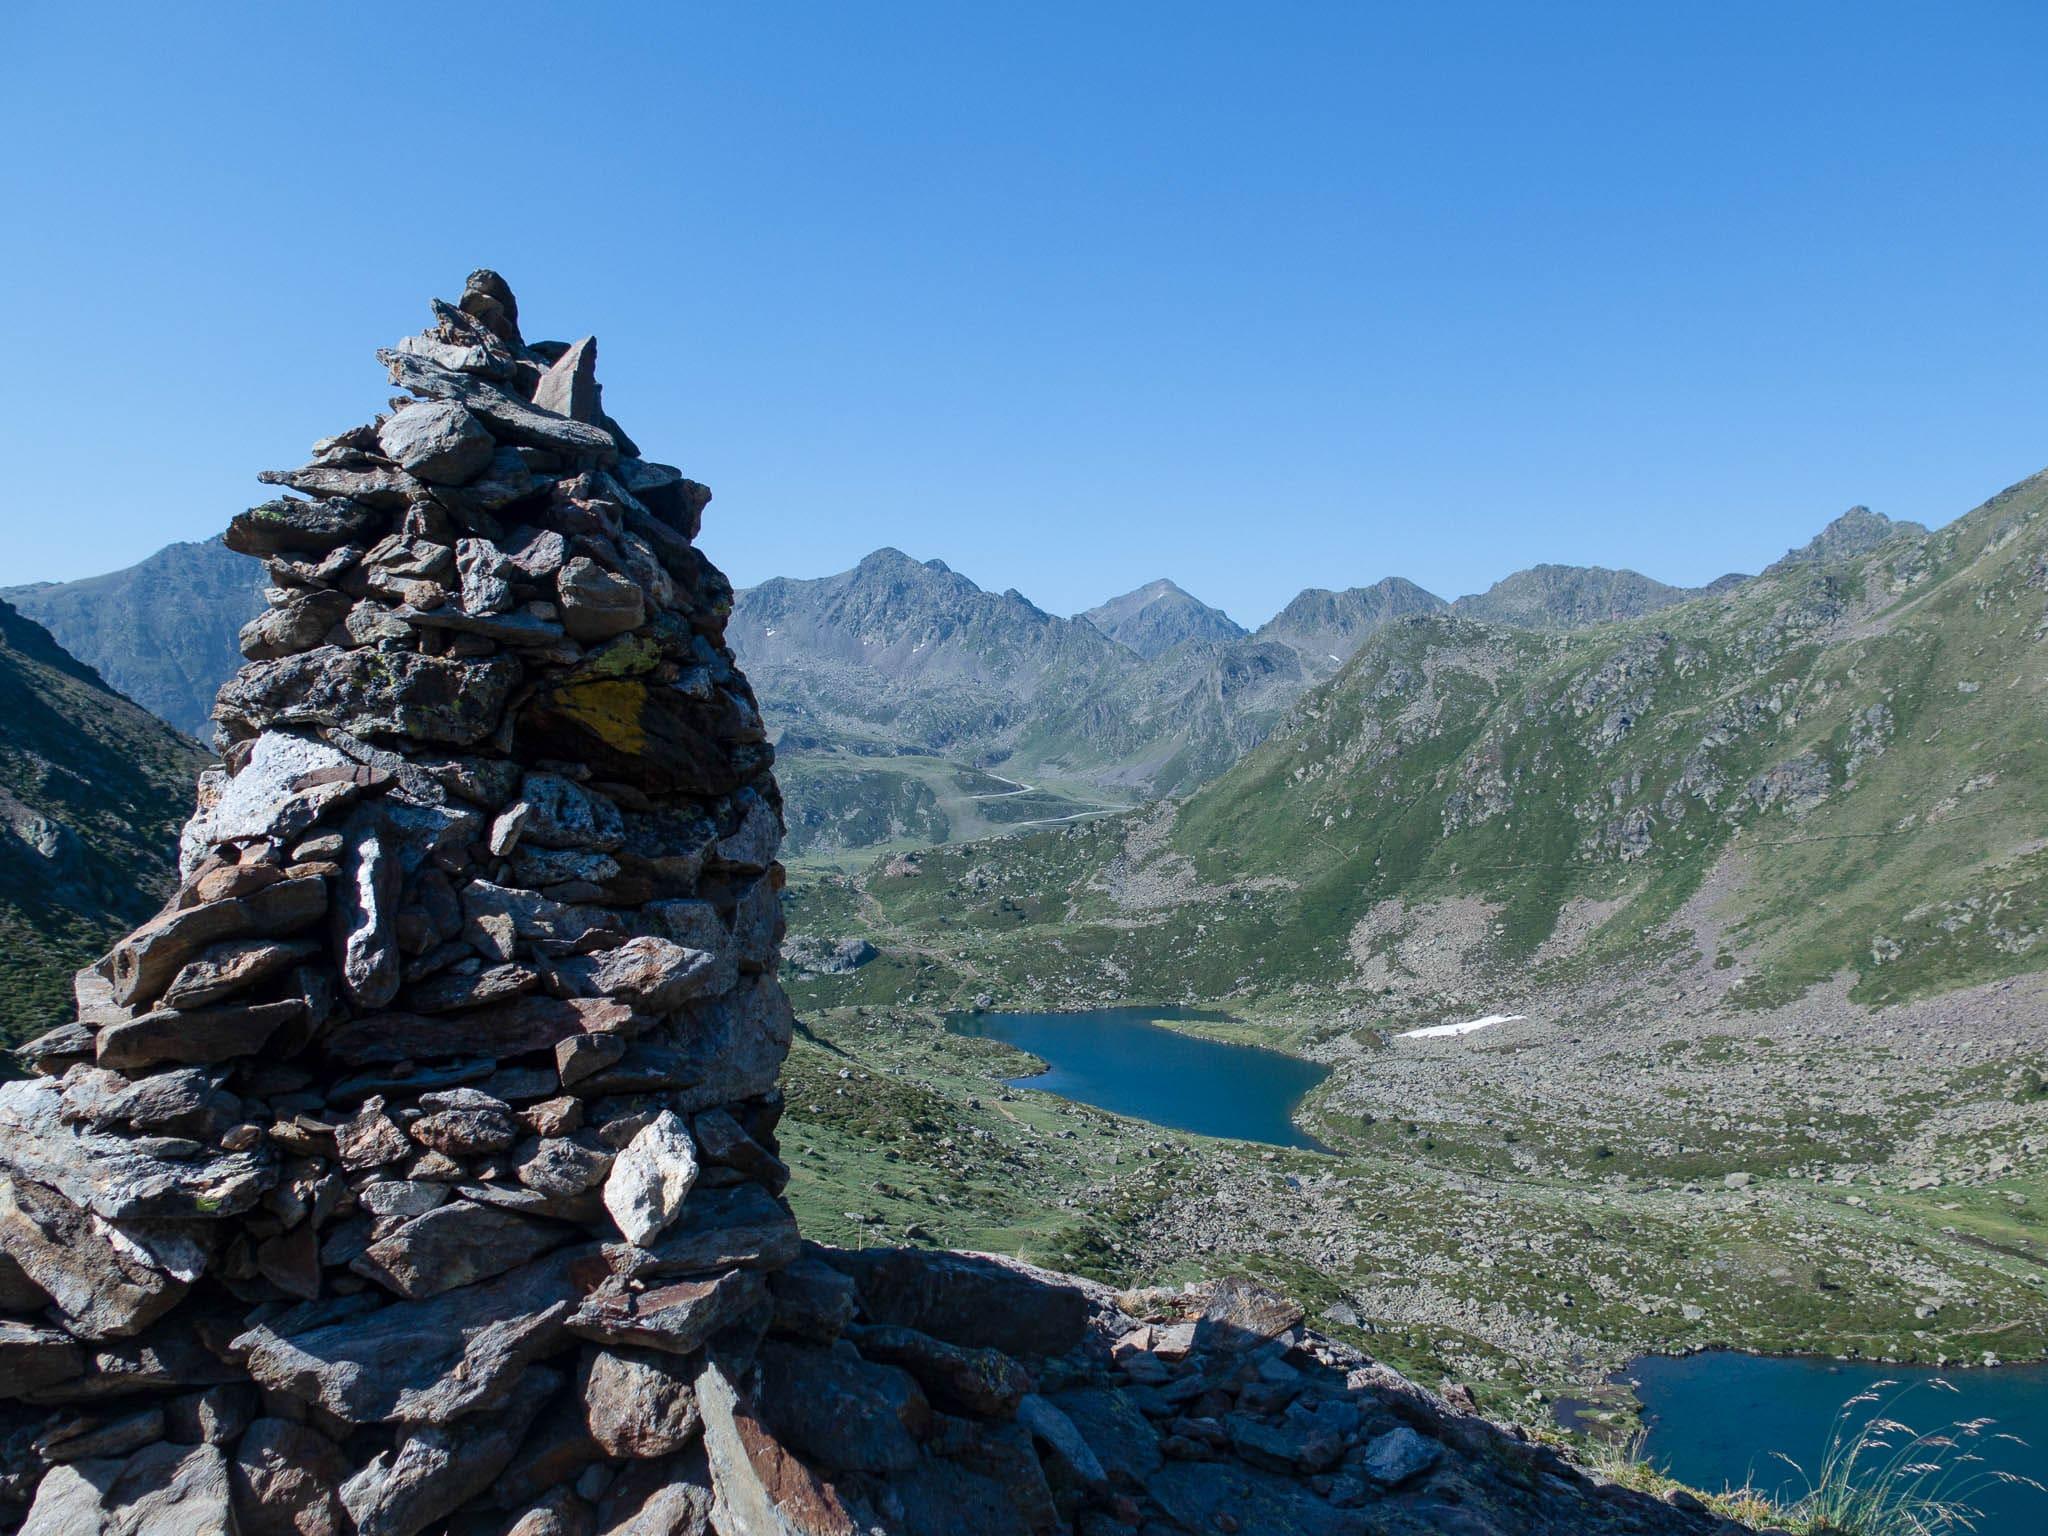 Estanys de Tristaina, Andorra, links vorne Steinhügel, Blick auf zwei Bergseen